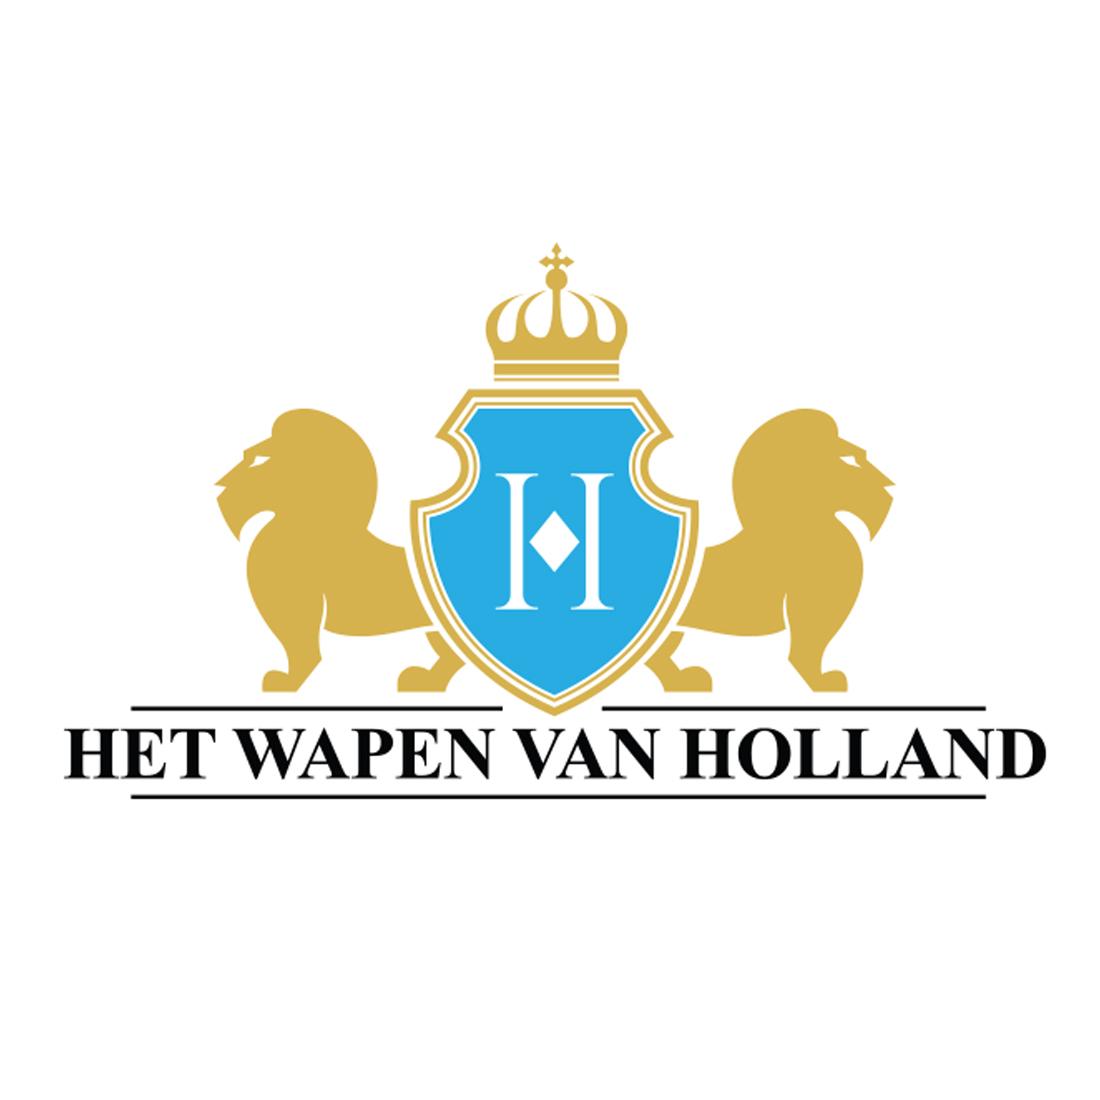 Wapen van Holland